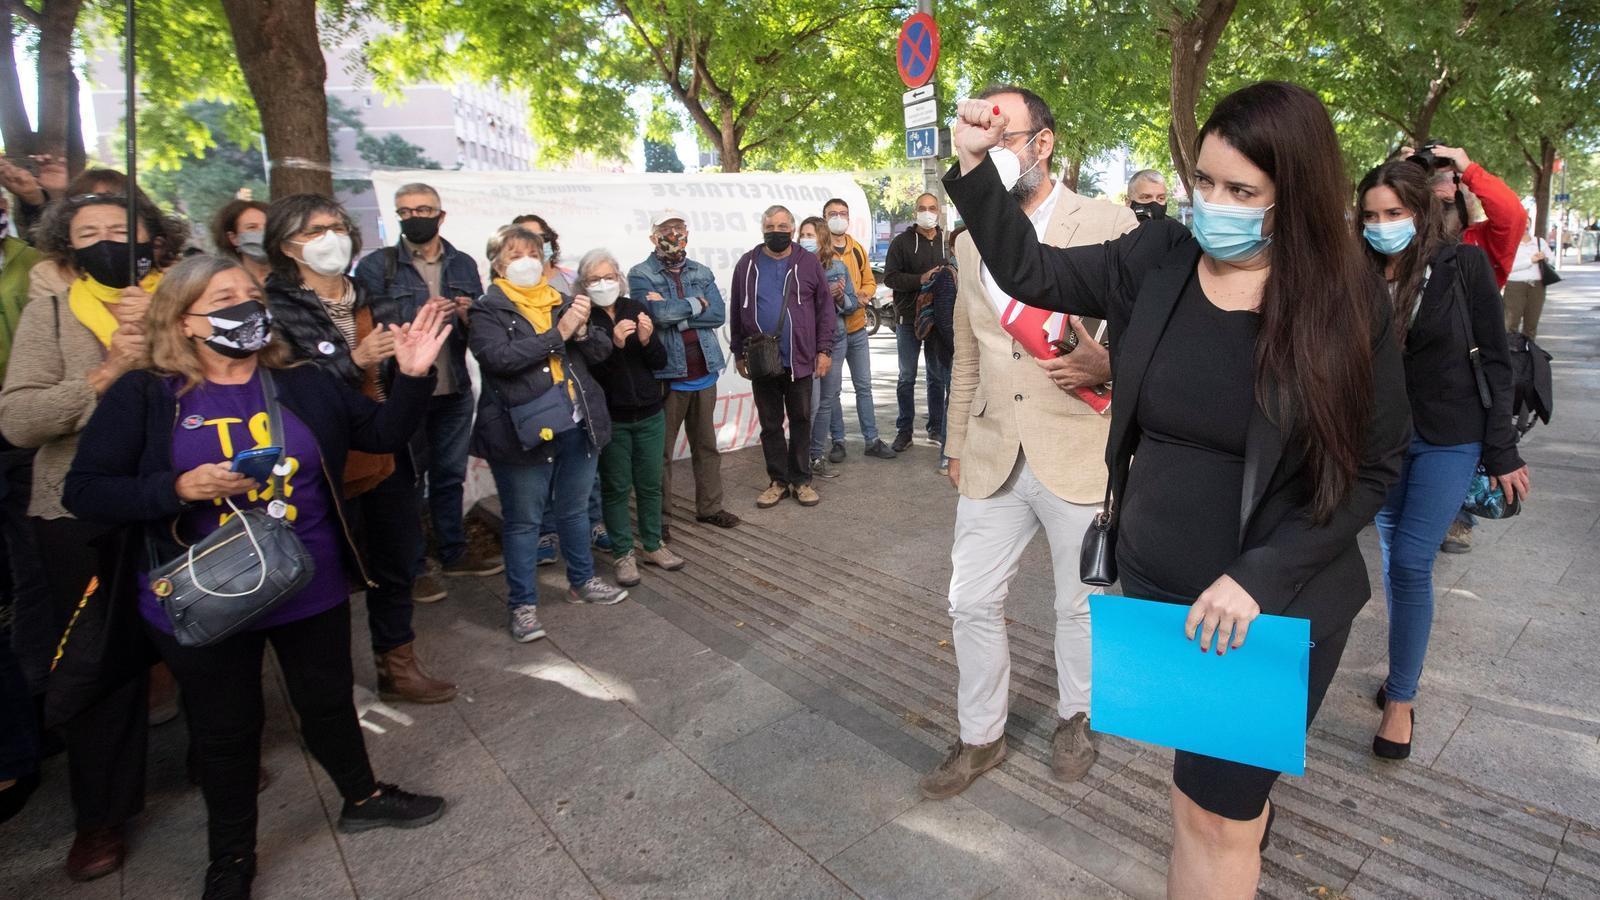 Tamara Carrasco saludant amb el puny en alt les persones que s'han concentrat a les portes de la Ciutat de la Justícia per donar-li suport el dia del seu judici